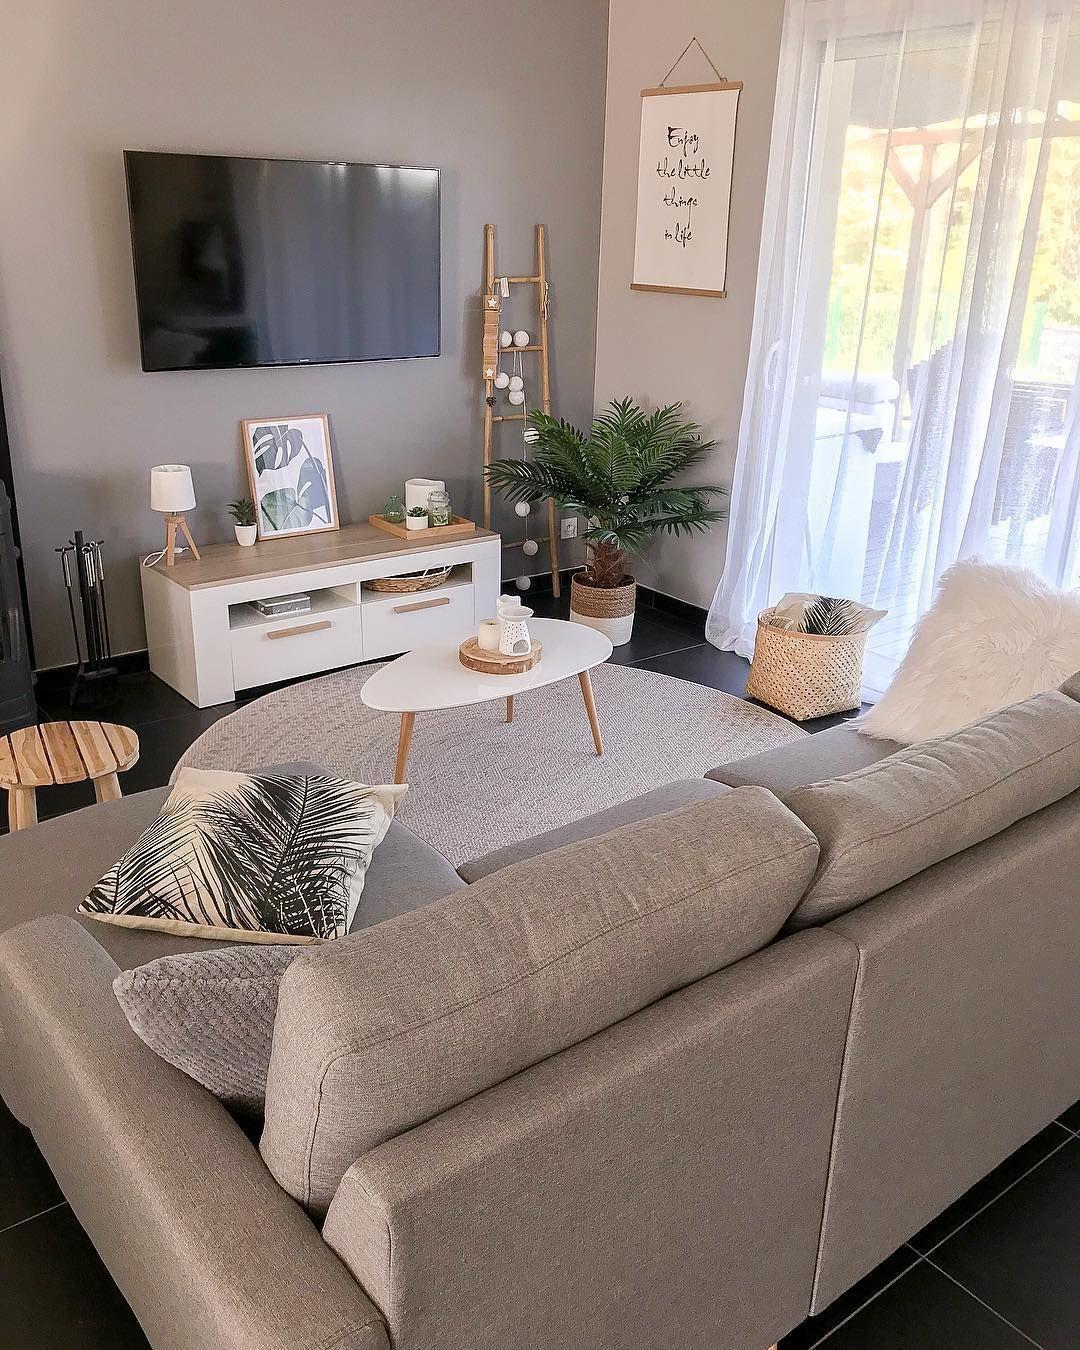 Auch Instagram Tropische Stimmung Welche Kleine Palme Von Manomanofr Ist Hyper Living Room Decor Apartment Small Apartment Living Room Small Living Room Decor